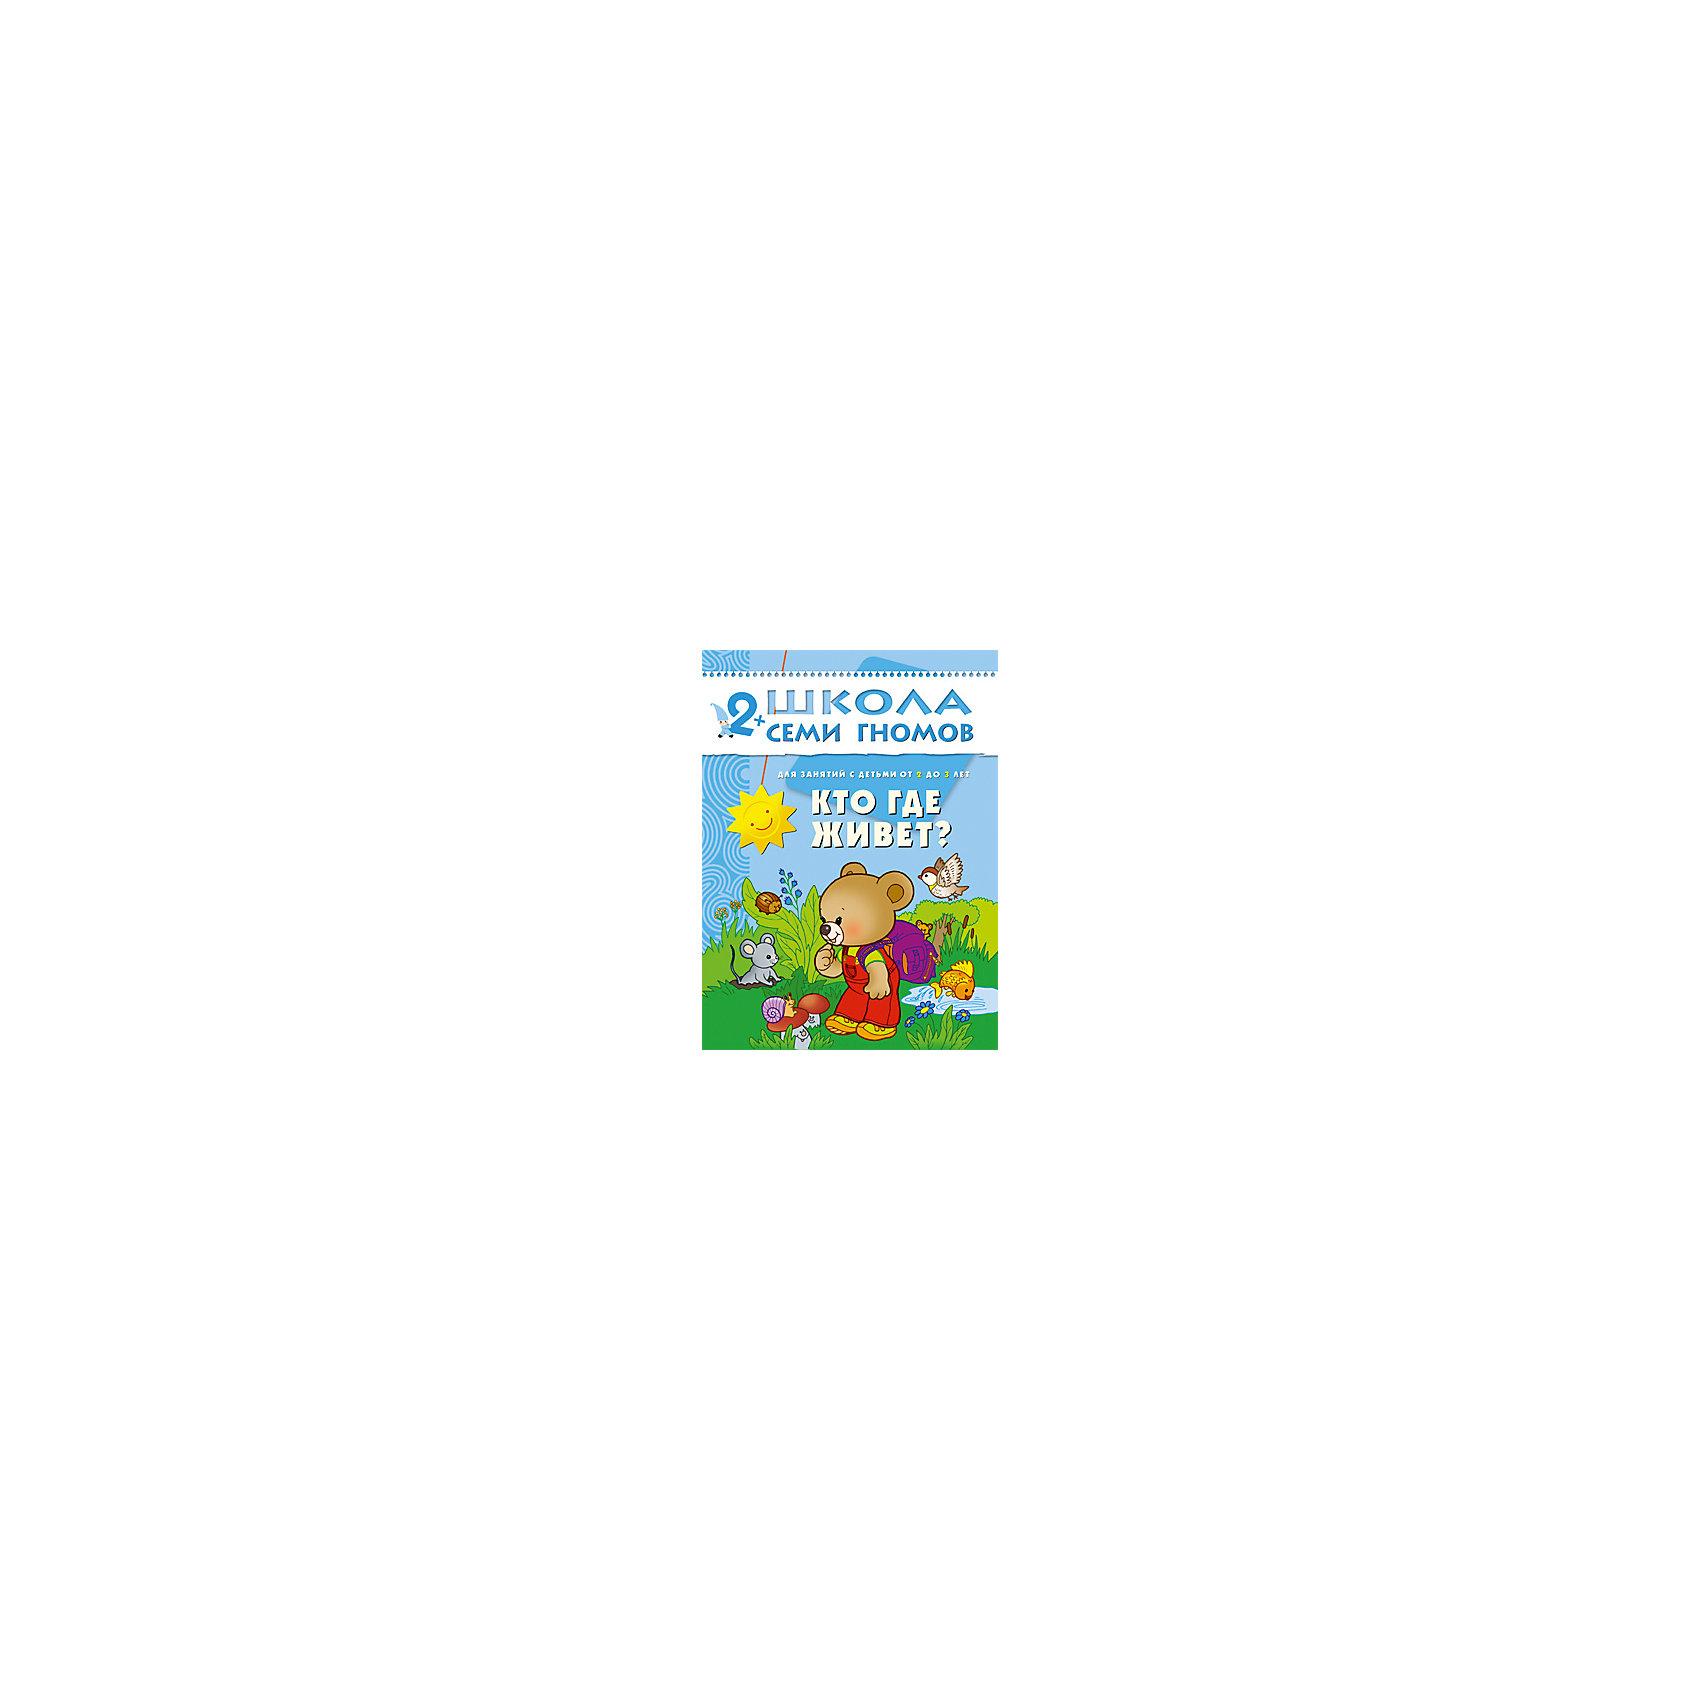 Третий год обучения Кто где живет, Школа Семи ГномовМетодики раннего развития<br>Третий год обучения Кто где живет, Школа Семи Гномов.<br><br>Характеристики:<br><br>- Издатель : МОЗАИКА-СИНТЕЗ<br>- Денисова Д.<br>- Обложка: мягкая .<br>- Размер: 290x2x215<br>- Вес: 130 г<br>- Число страниц: 16<br><br>Кто где живет? Третий блок развивающих книжек предназначен для малышей от 2 до 3 лет. У книг этой серии голубые обложки. Обложка глянцевая, книгу приятно взять в руки и предложить ребенку. <br><br>Книга Кто, где живет? развивающей серии Школа семи гномов расширит словарный запас малыша 2-3 лет, с ее помощью он сможет узнать множество интересной информации о разных животных и птицах. В книге даны красочные, понятные ребенку картинки. Текст написан простым, доступным языком. Но не нужно ограничиваться только чтением этого текста. Иллюстративный материал в книге позволяет рассказать значительно больше, чем написано в тексте. <br><br>На полях каждой картинки изображены различные живые существа, некоторые из них черно-белые. Их нужно будет заклеить карточками из центральной вкладки. Постарайтесь, чтобы ребенок внимательно рассматривал картинки, обращая внимание и на мелкие детали. Задавайте наводящие вопросы, учите ребенка высказывать свои мысли, рассуждать. Занятия по этой книге знакомят малыша с окружающим миром, развивают речь, память и мышление. Книга также будет интересна детям более старшего возраста.<br><br>Третий год обучения Кто где живет, Школа Семи Гномов, можно купить в нашем интернет – магазине.<br><br>Ширина мм: 2<br>Глубина мм: 215<br>Высота мм: 290<br>Вес г: 130<br>Возраст от месяцев: 24<br>Возраст до месяцев: 36<br>Пол: Унисекс<br>Возраст: Детский<br>SKU: 5362785